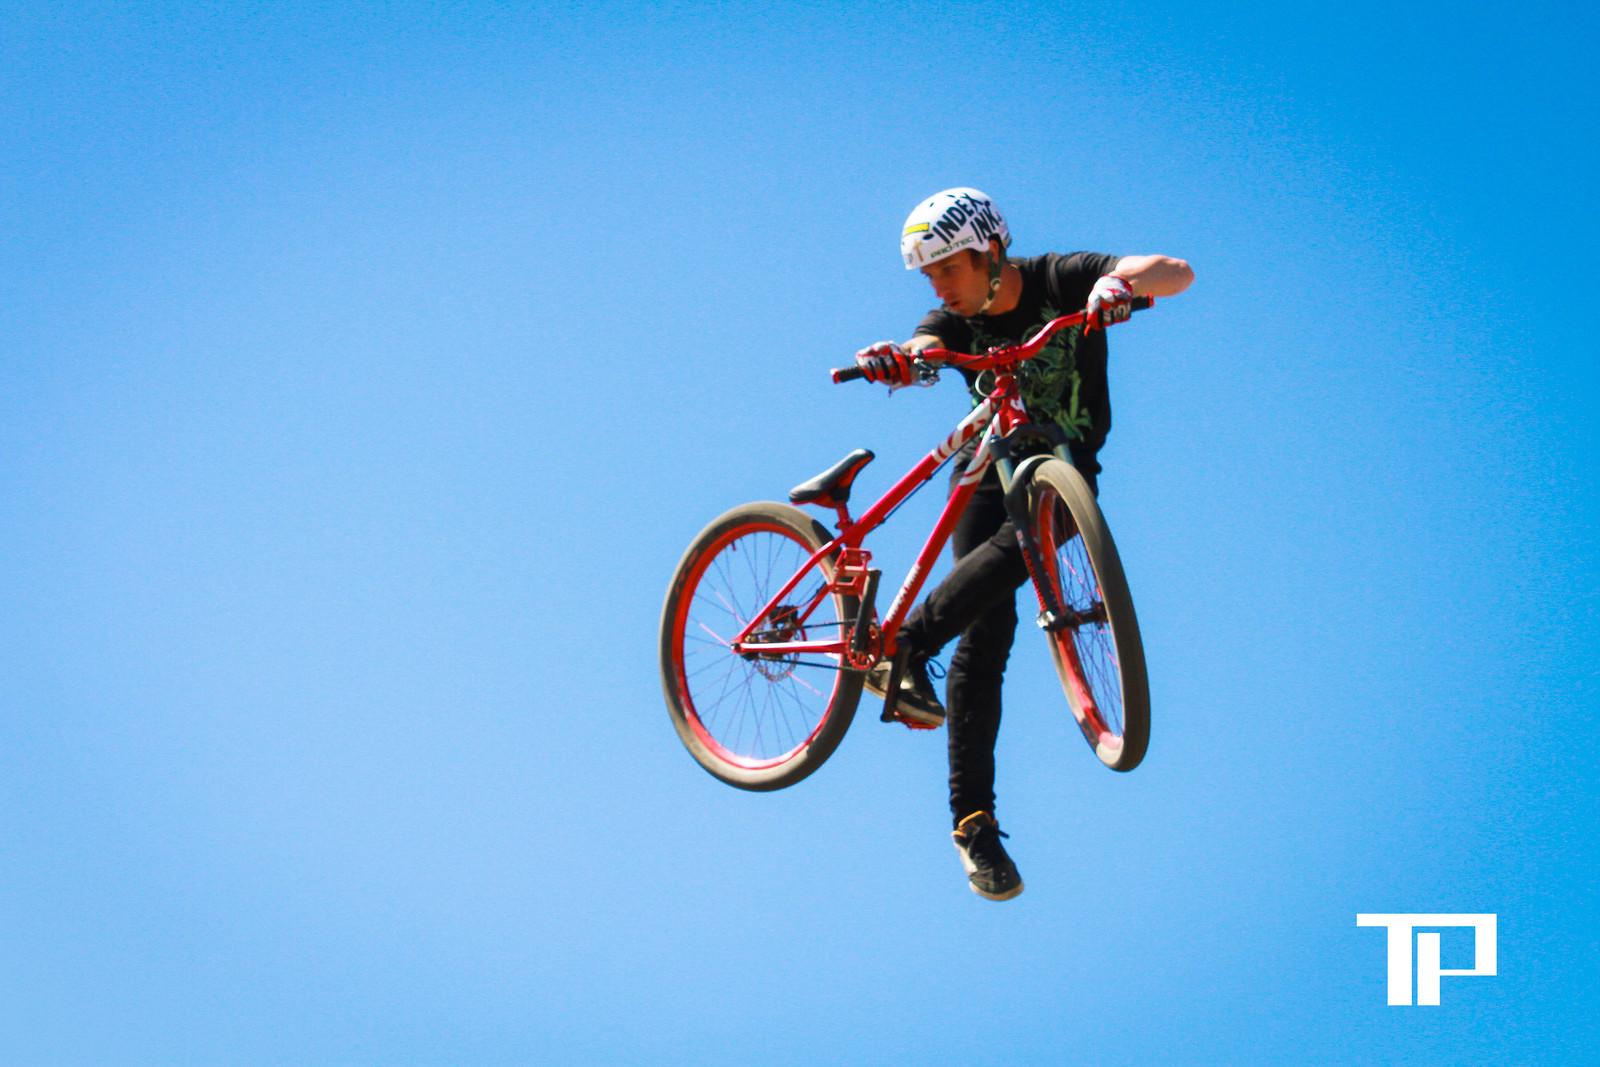 Jake Kinney - TylerPaget - Mountain Biking Pictures - Vital MTB